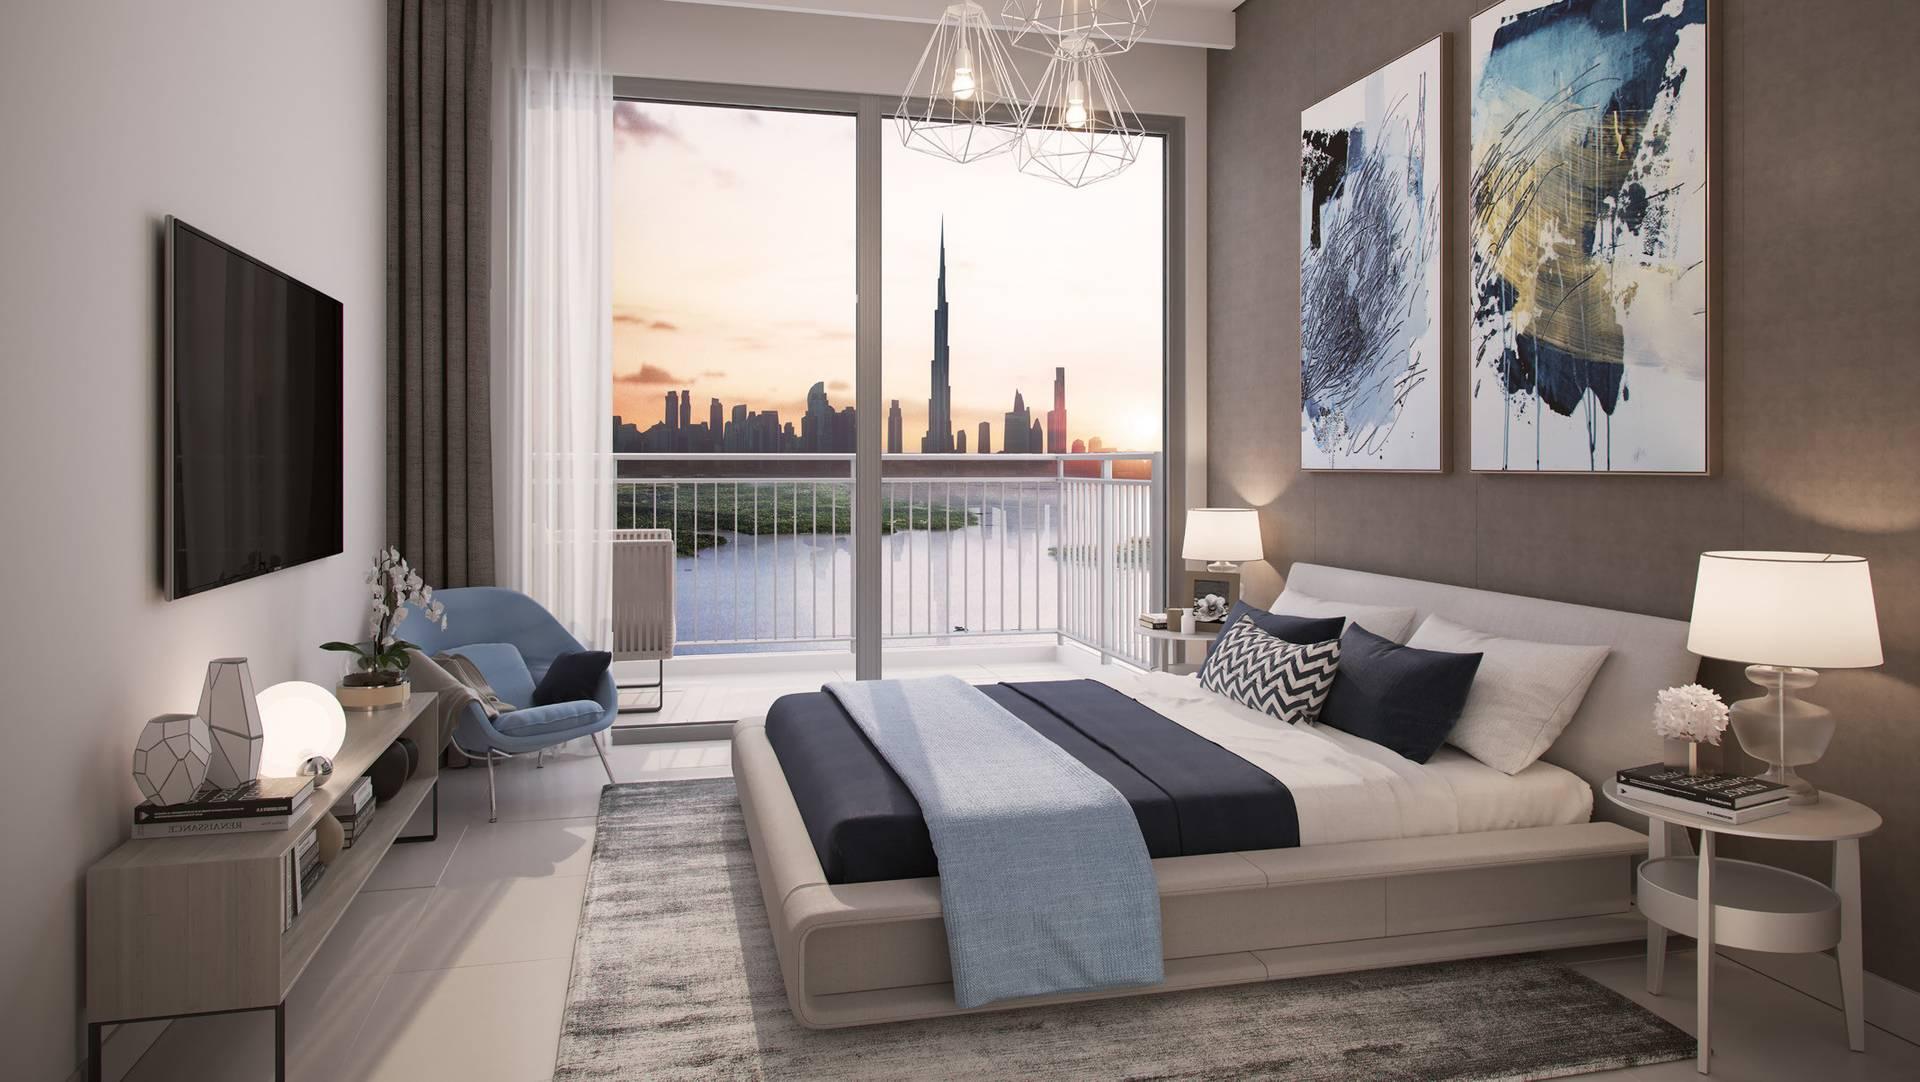 SALE in 17 Icon Bay Tower-Dubai-UAE